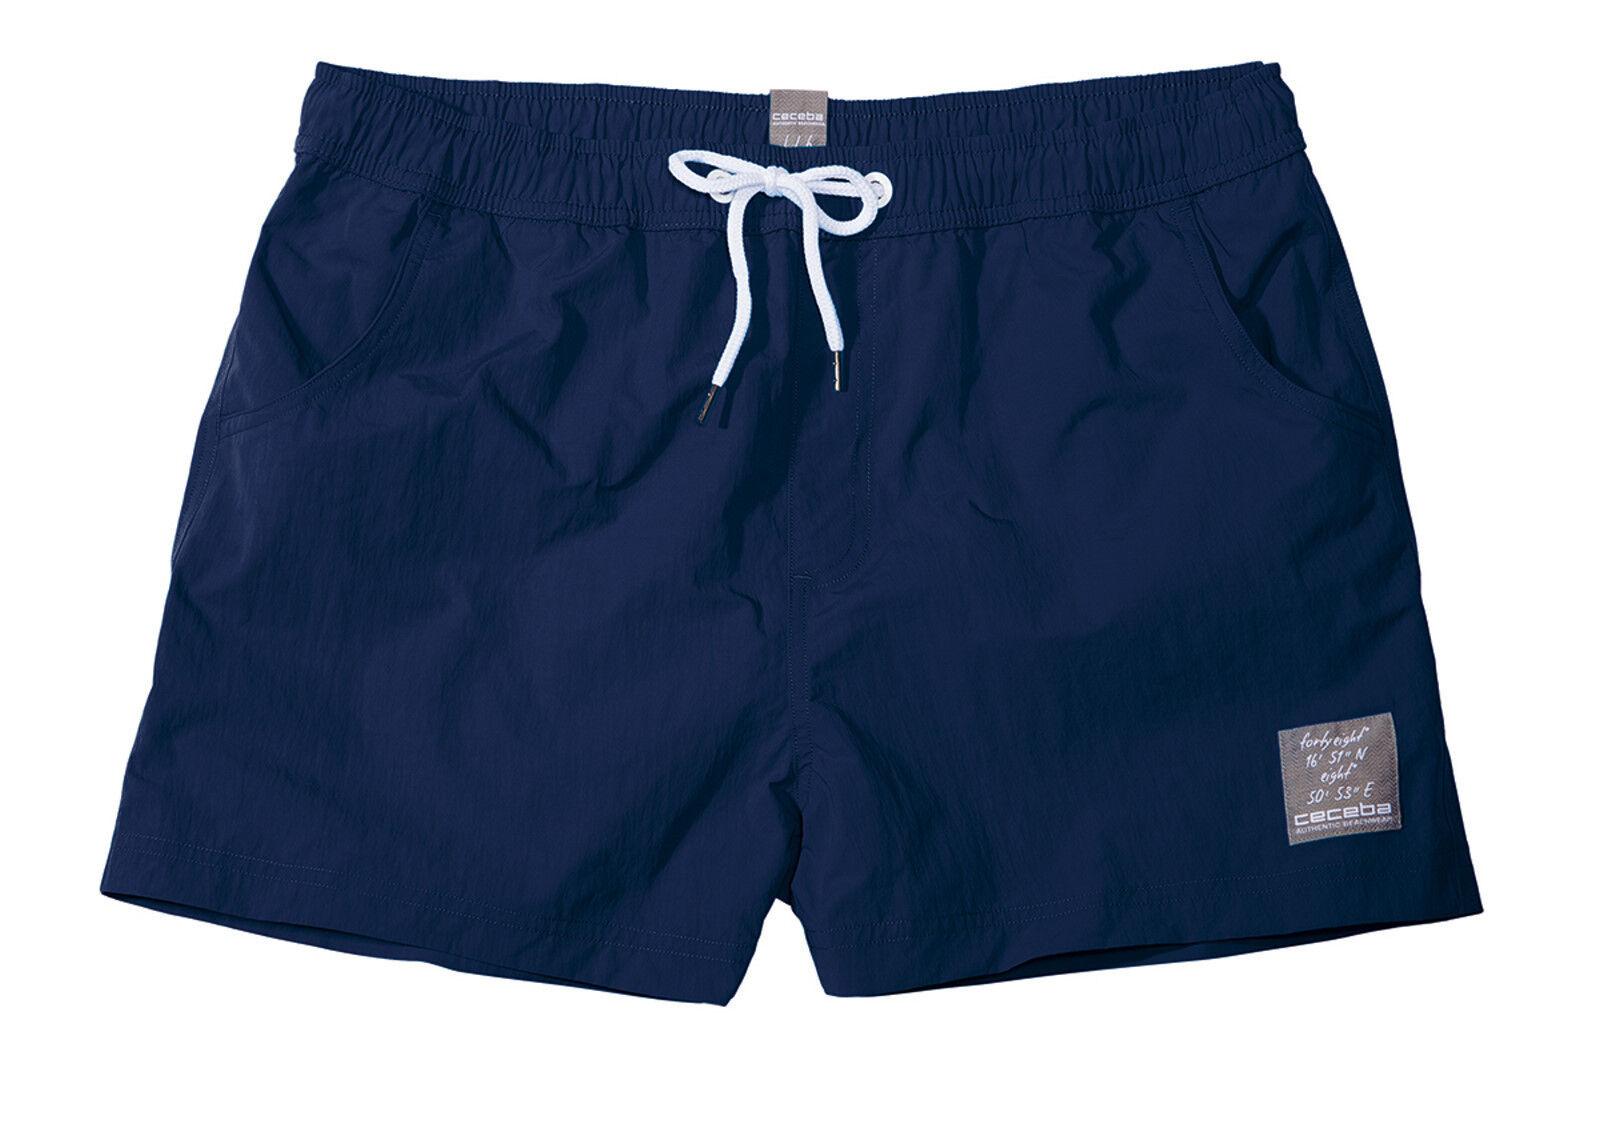 New Ceceba Men's Swimshorts Swimming Trunks bluee Navy Also Sizes 80025 7000